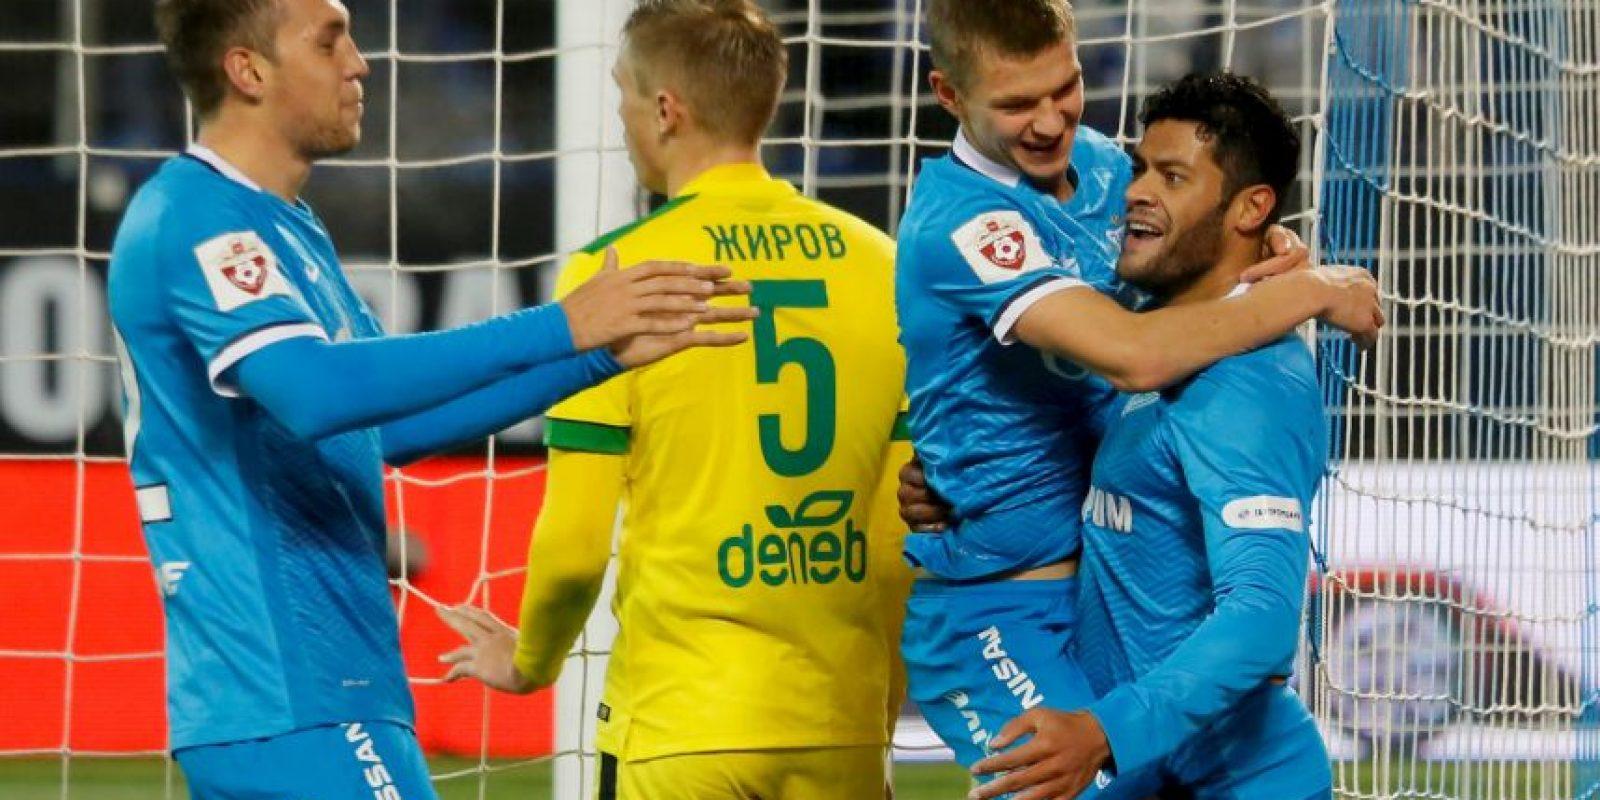 Los rusos fueron uno de los mejores equipos de la primera ronda con cinco triunfos; acumularon 25 millones de euros Foto:Getty Images